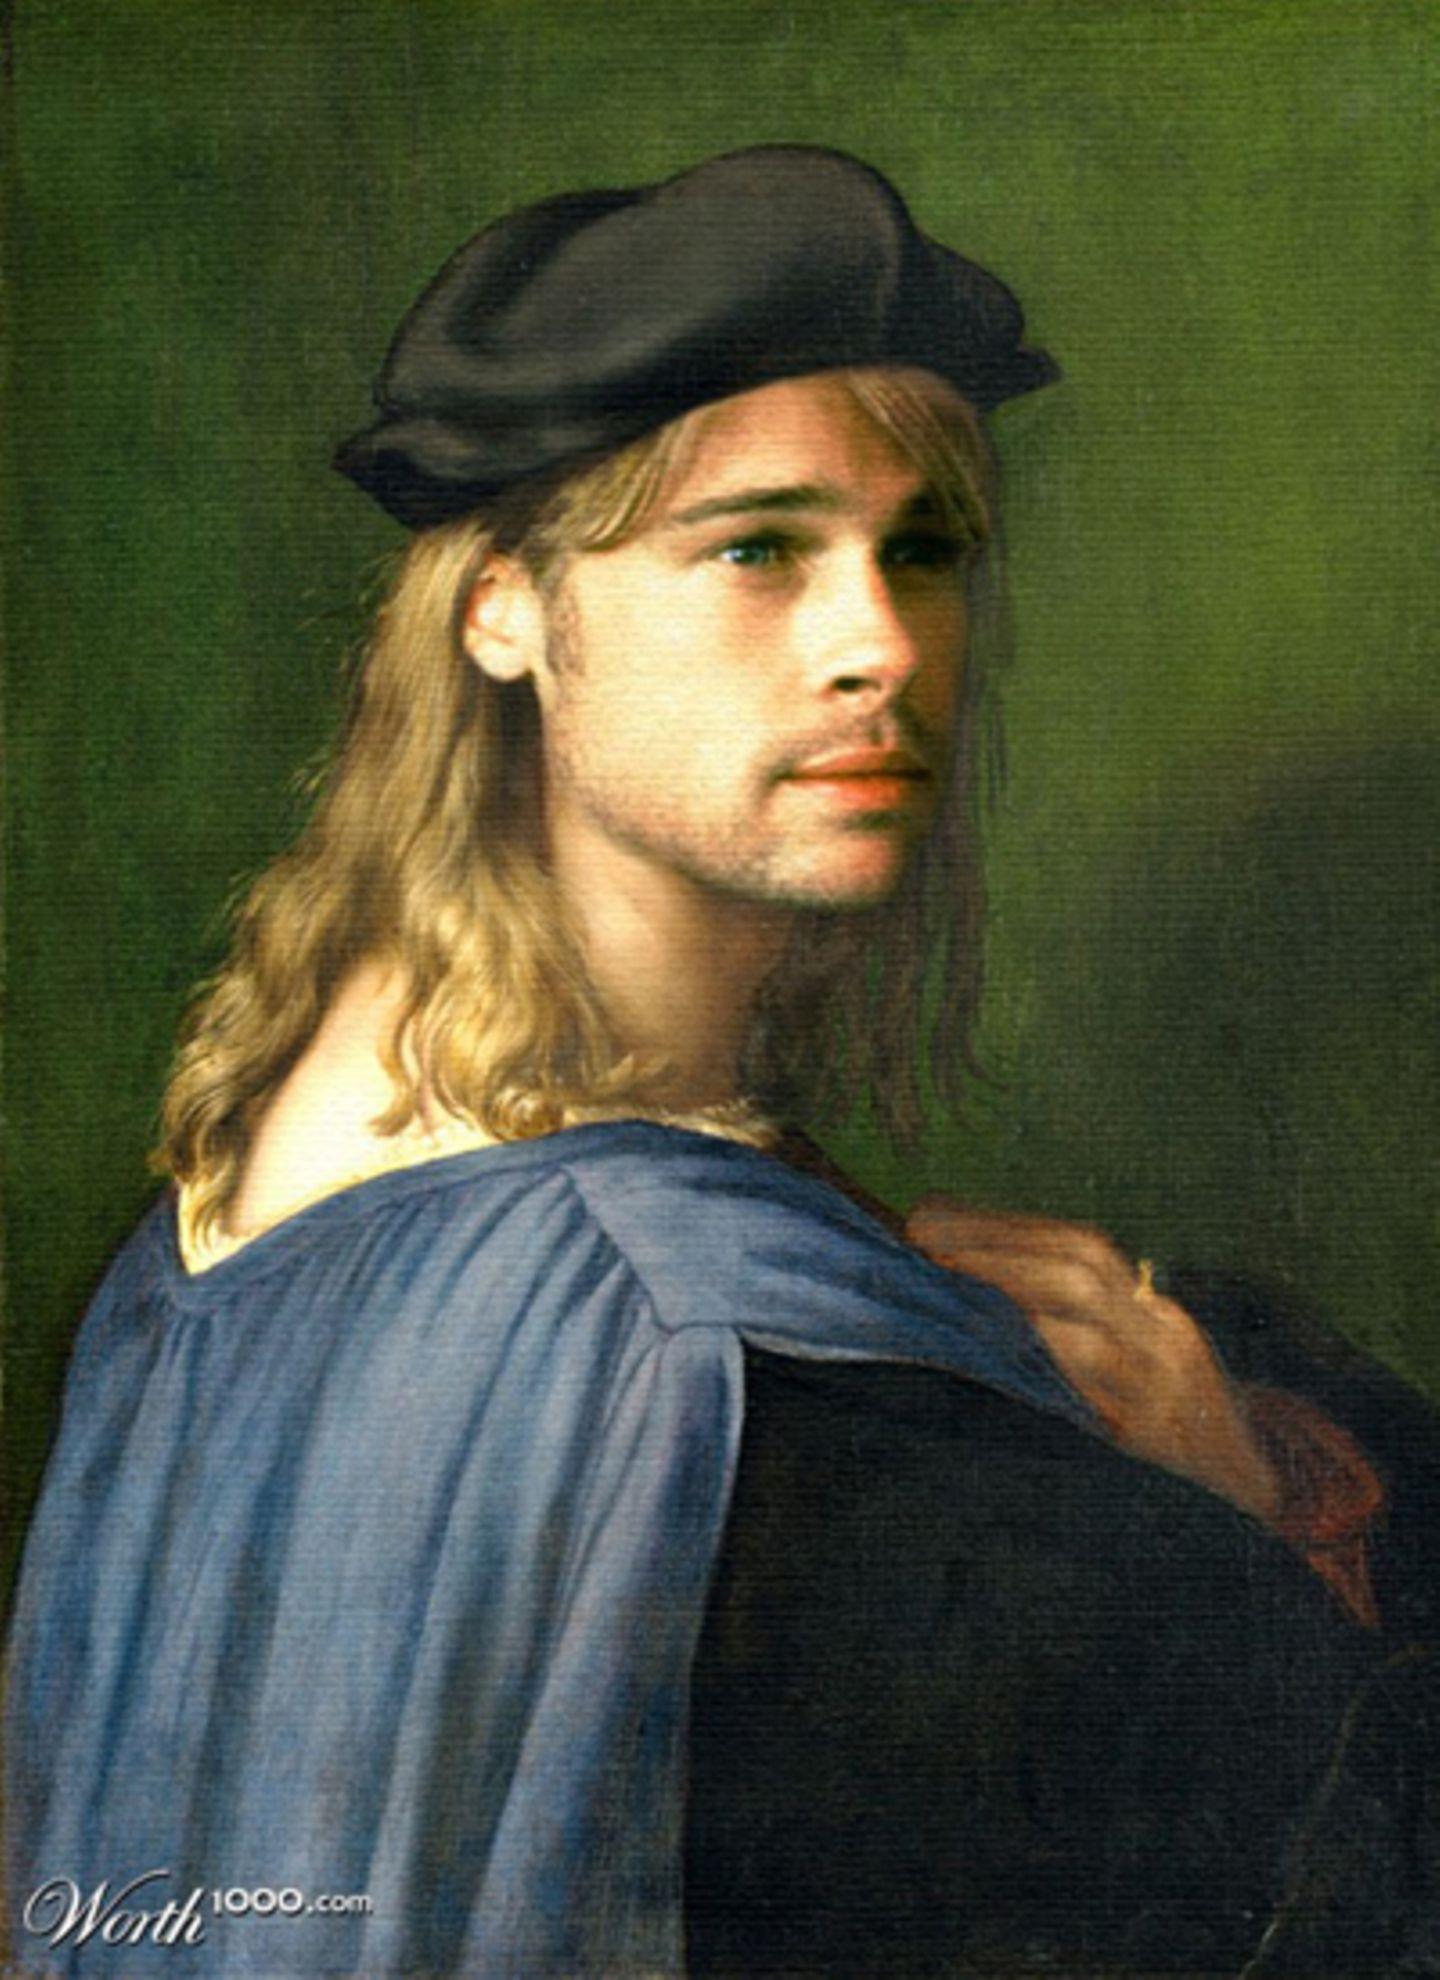 Brad Pitt als Ölgemälde.